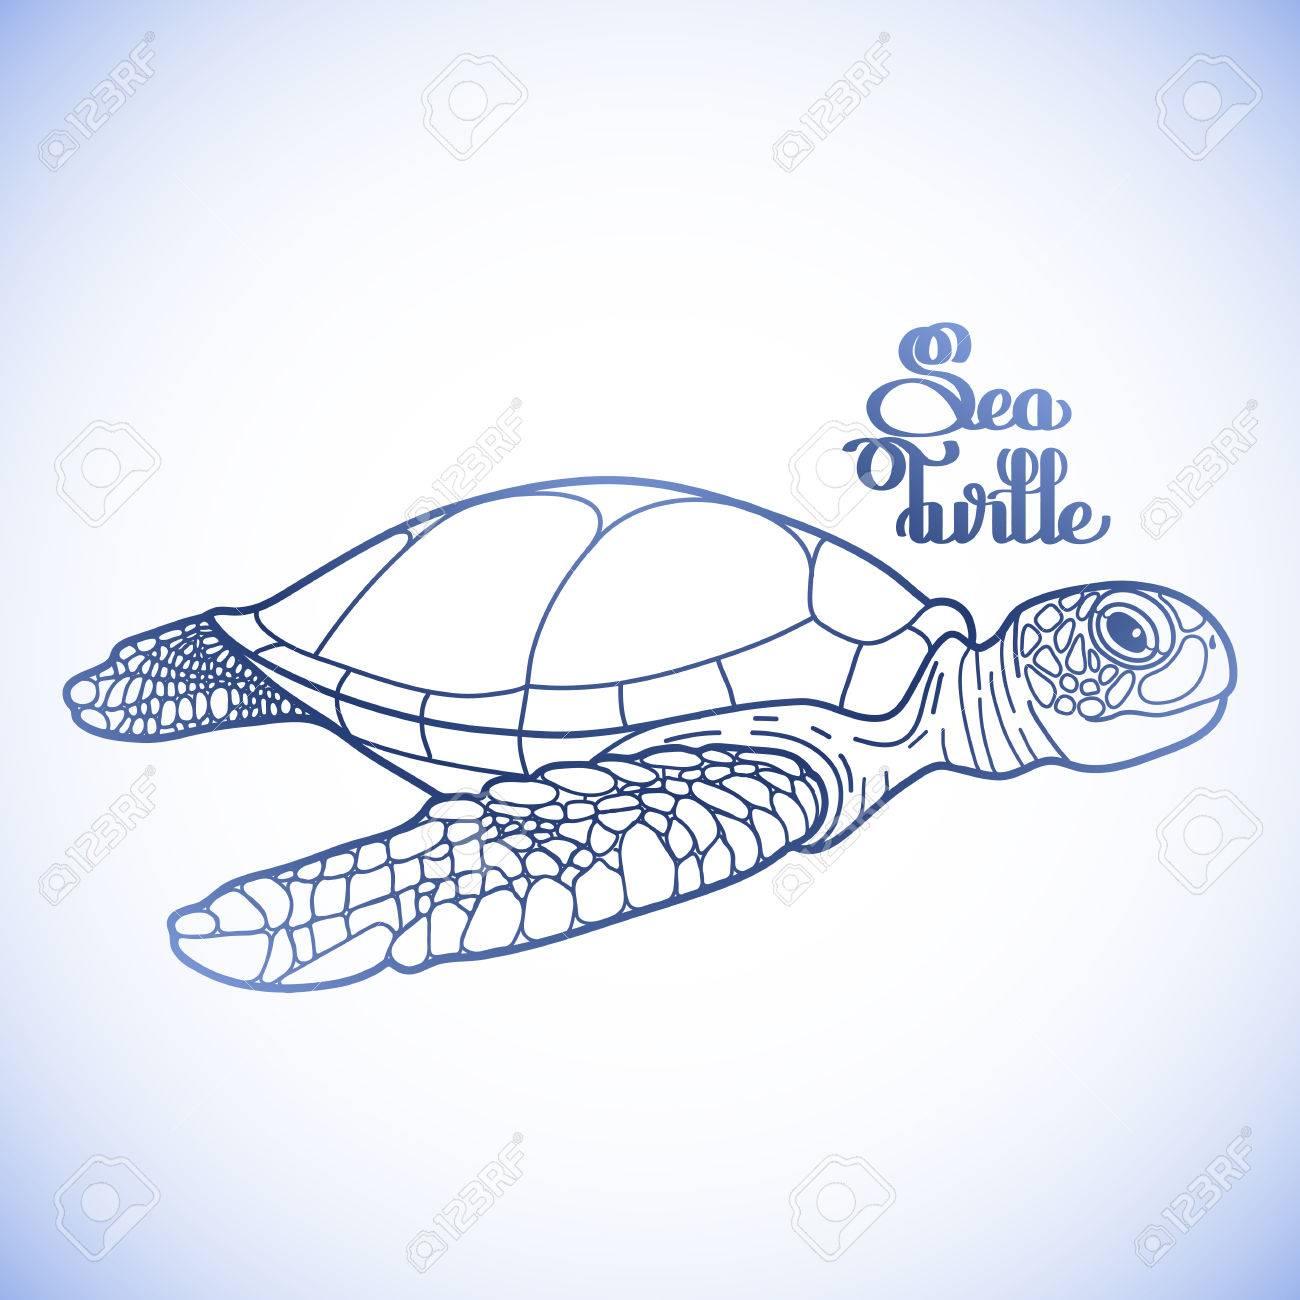 Gráfico Tortuga Marina Carey Dibujado En Línea Estilo Del Arte ...